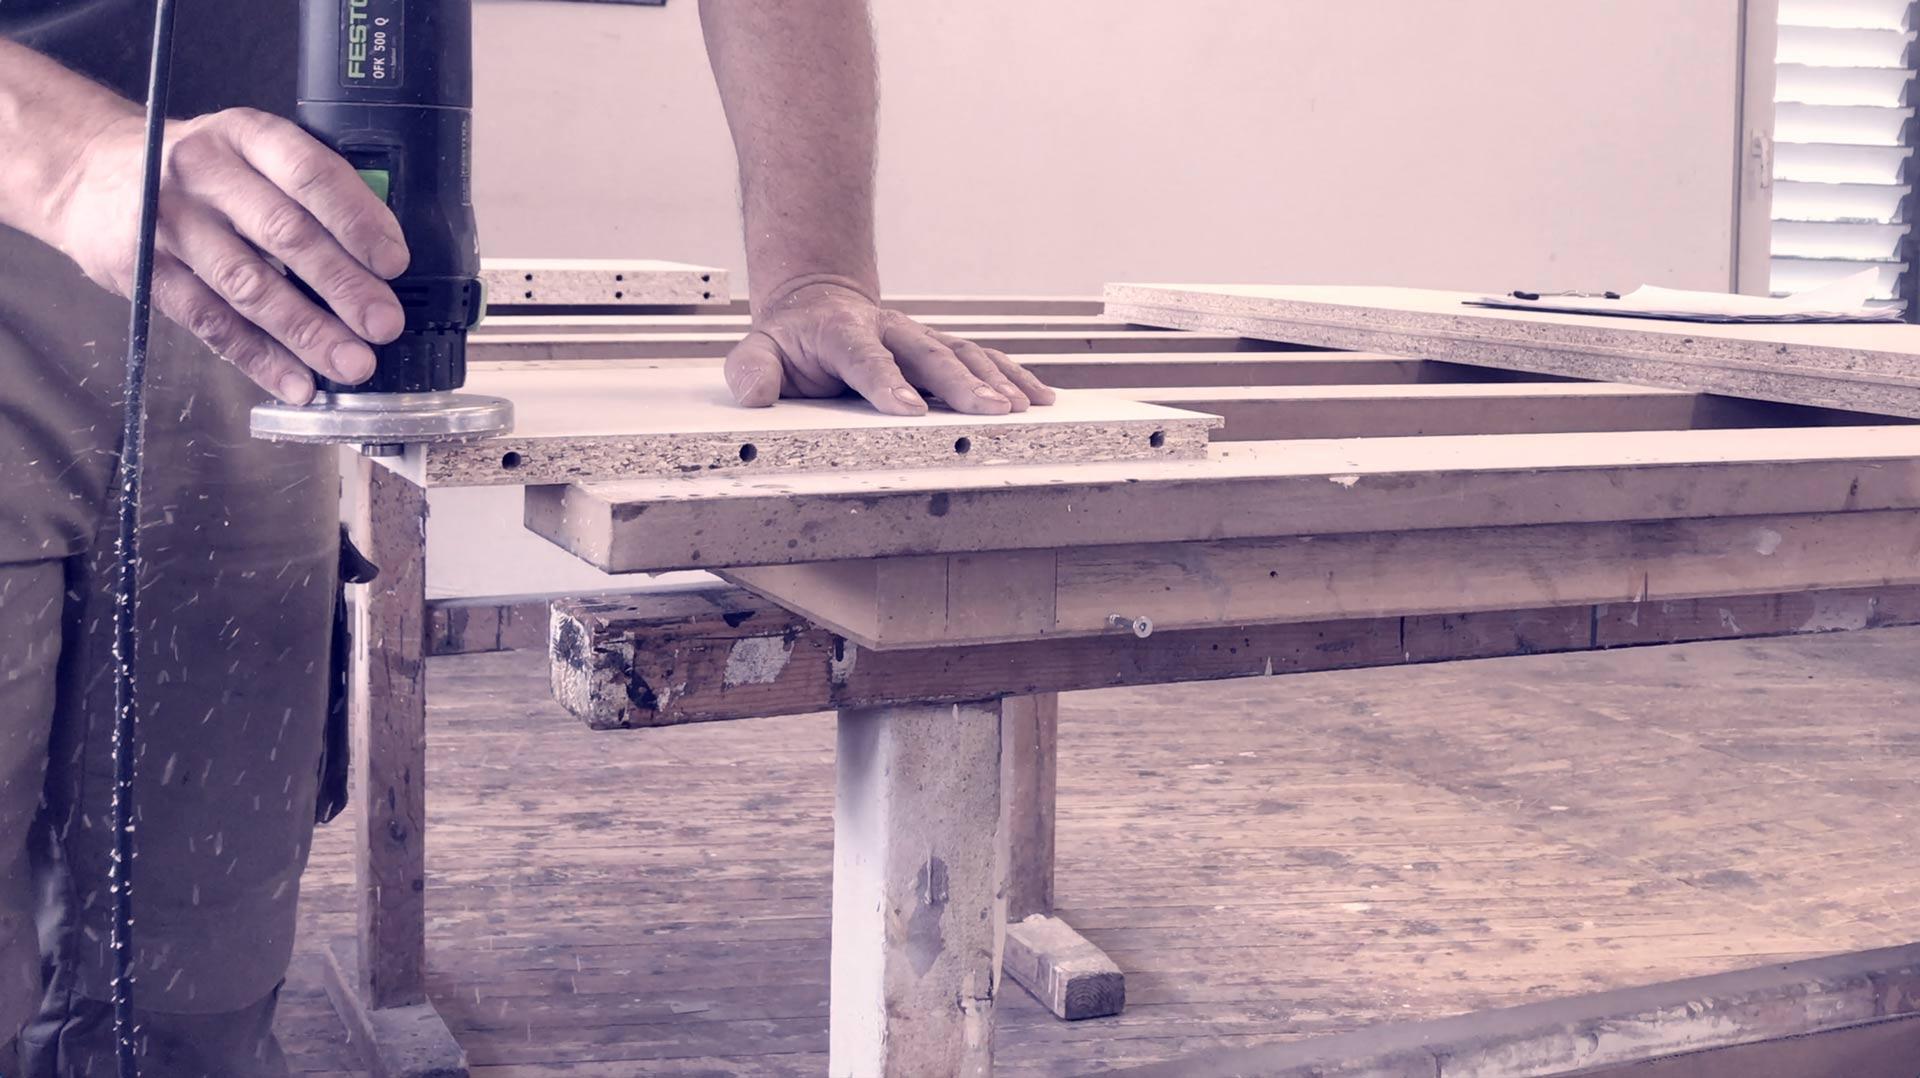 Die Möbelwerkstatt, Tischlerei und Schreinerei Scholz entwirft und konstruiert Möbel und Inneneinrichtungen für Wohnzimmer, Esszimmer, Schlafzimmer, Bad und Küche.